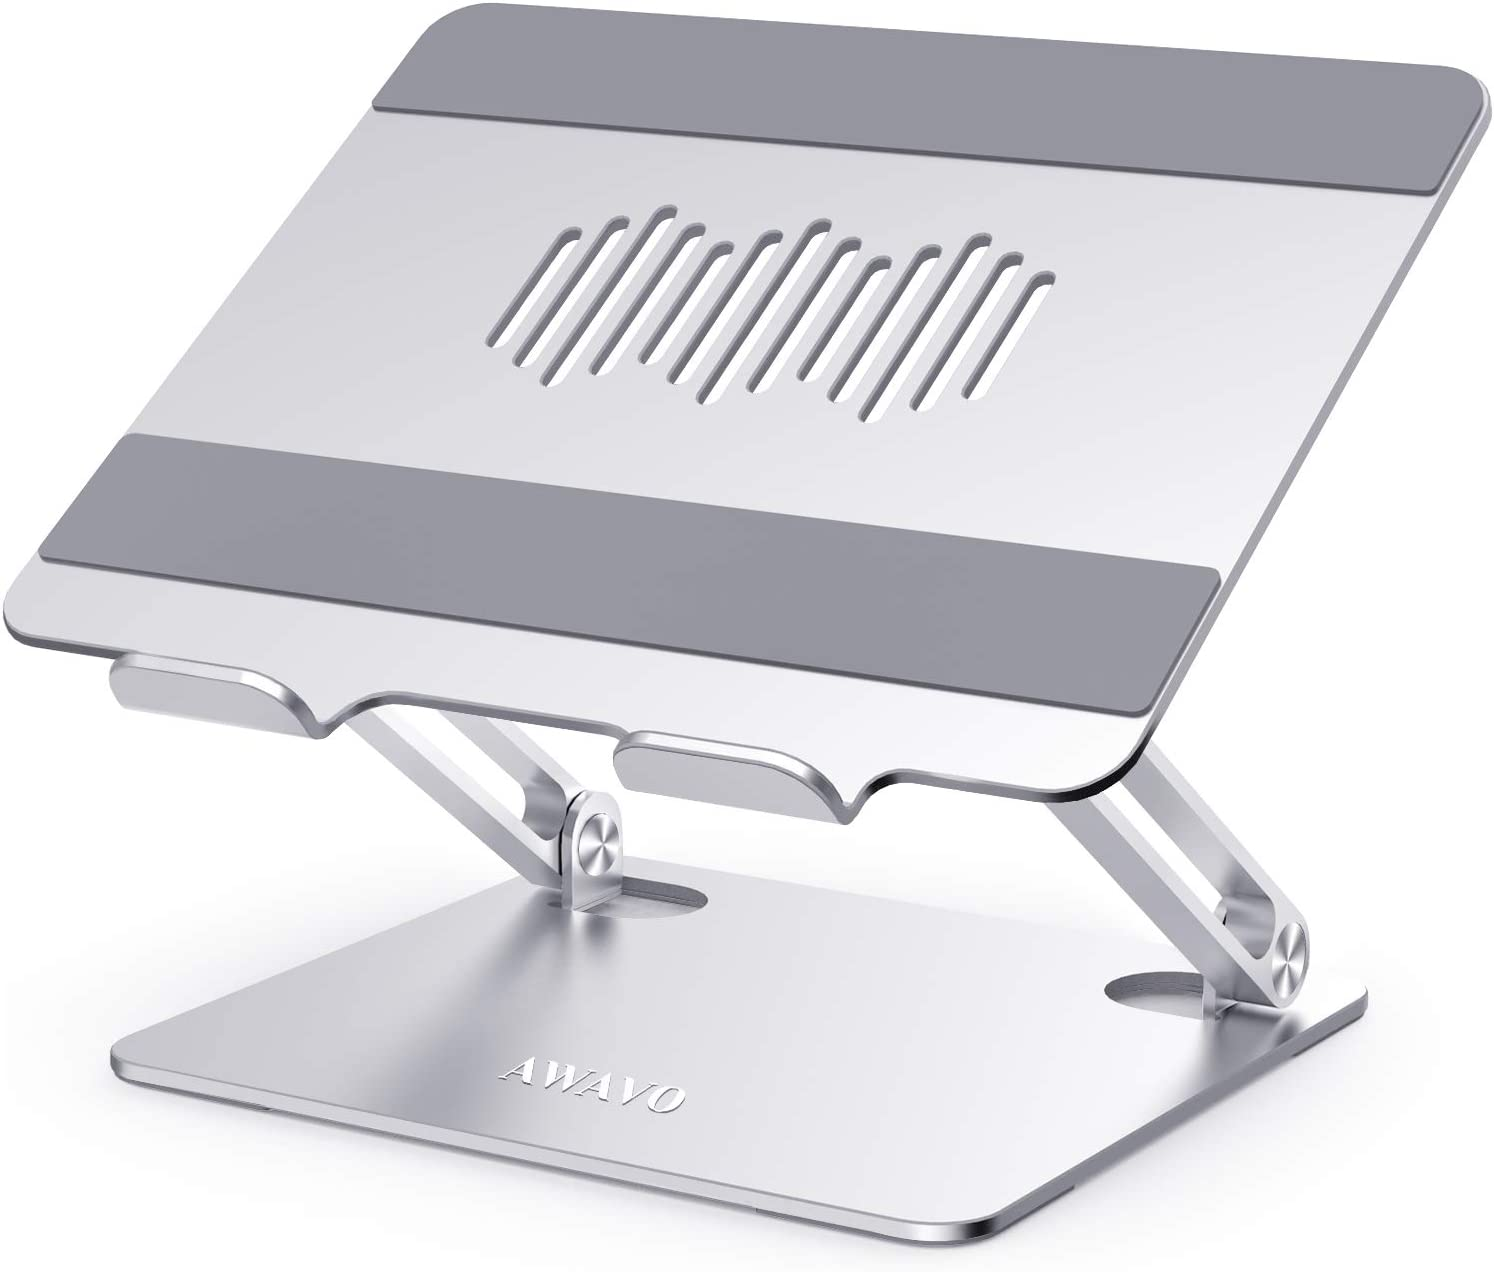 AWAVO Soporte Portátil, Elevador Ajustable para Computadora Portátil con Ventilación de Calor, Compatible con MacBook Air/Pro, DELL, HP, Lenovo, más computadoras portátiles de 10-15.6